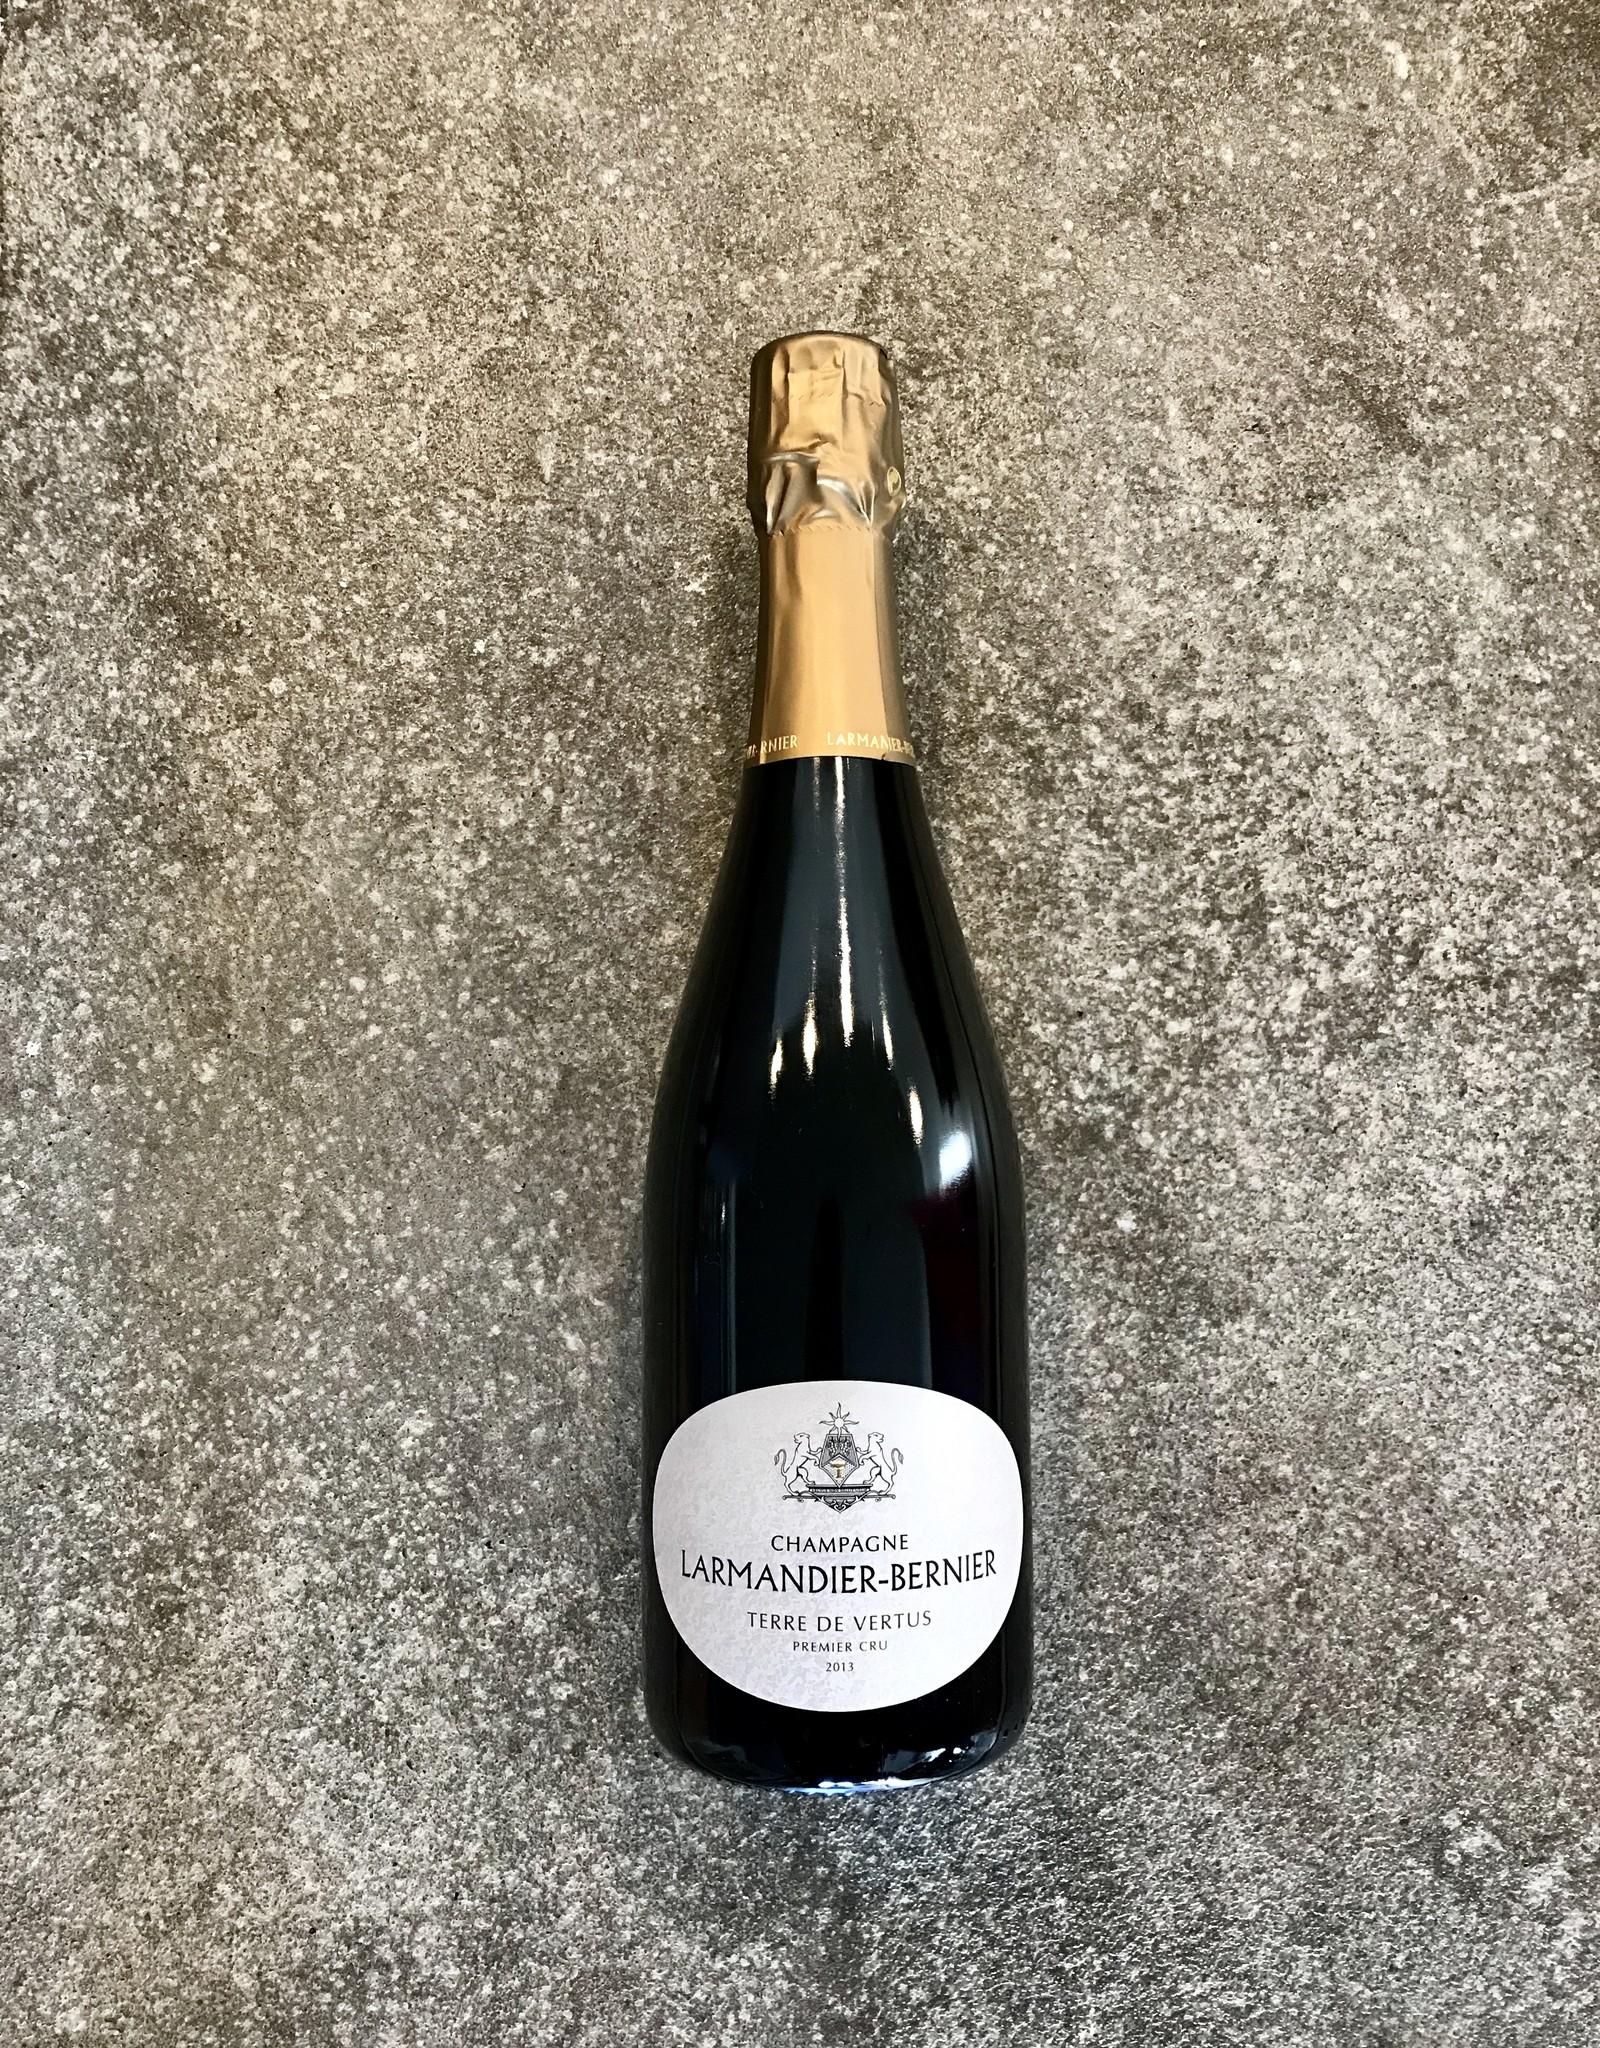 Champagne Larmandier-Bernier Terre de Vertus Premier Cru Blanc de Blancs Extra Brut 2013